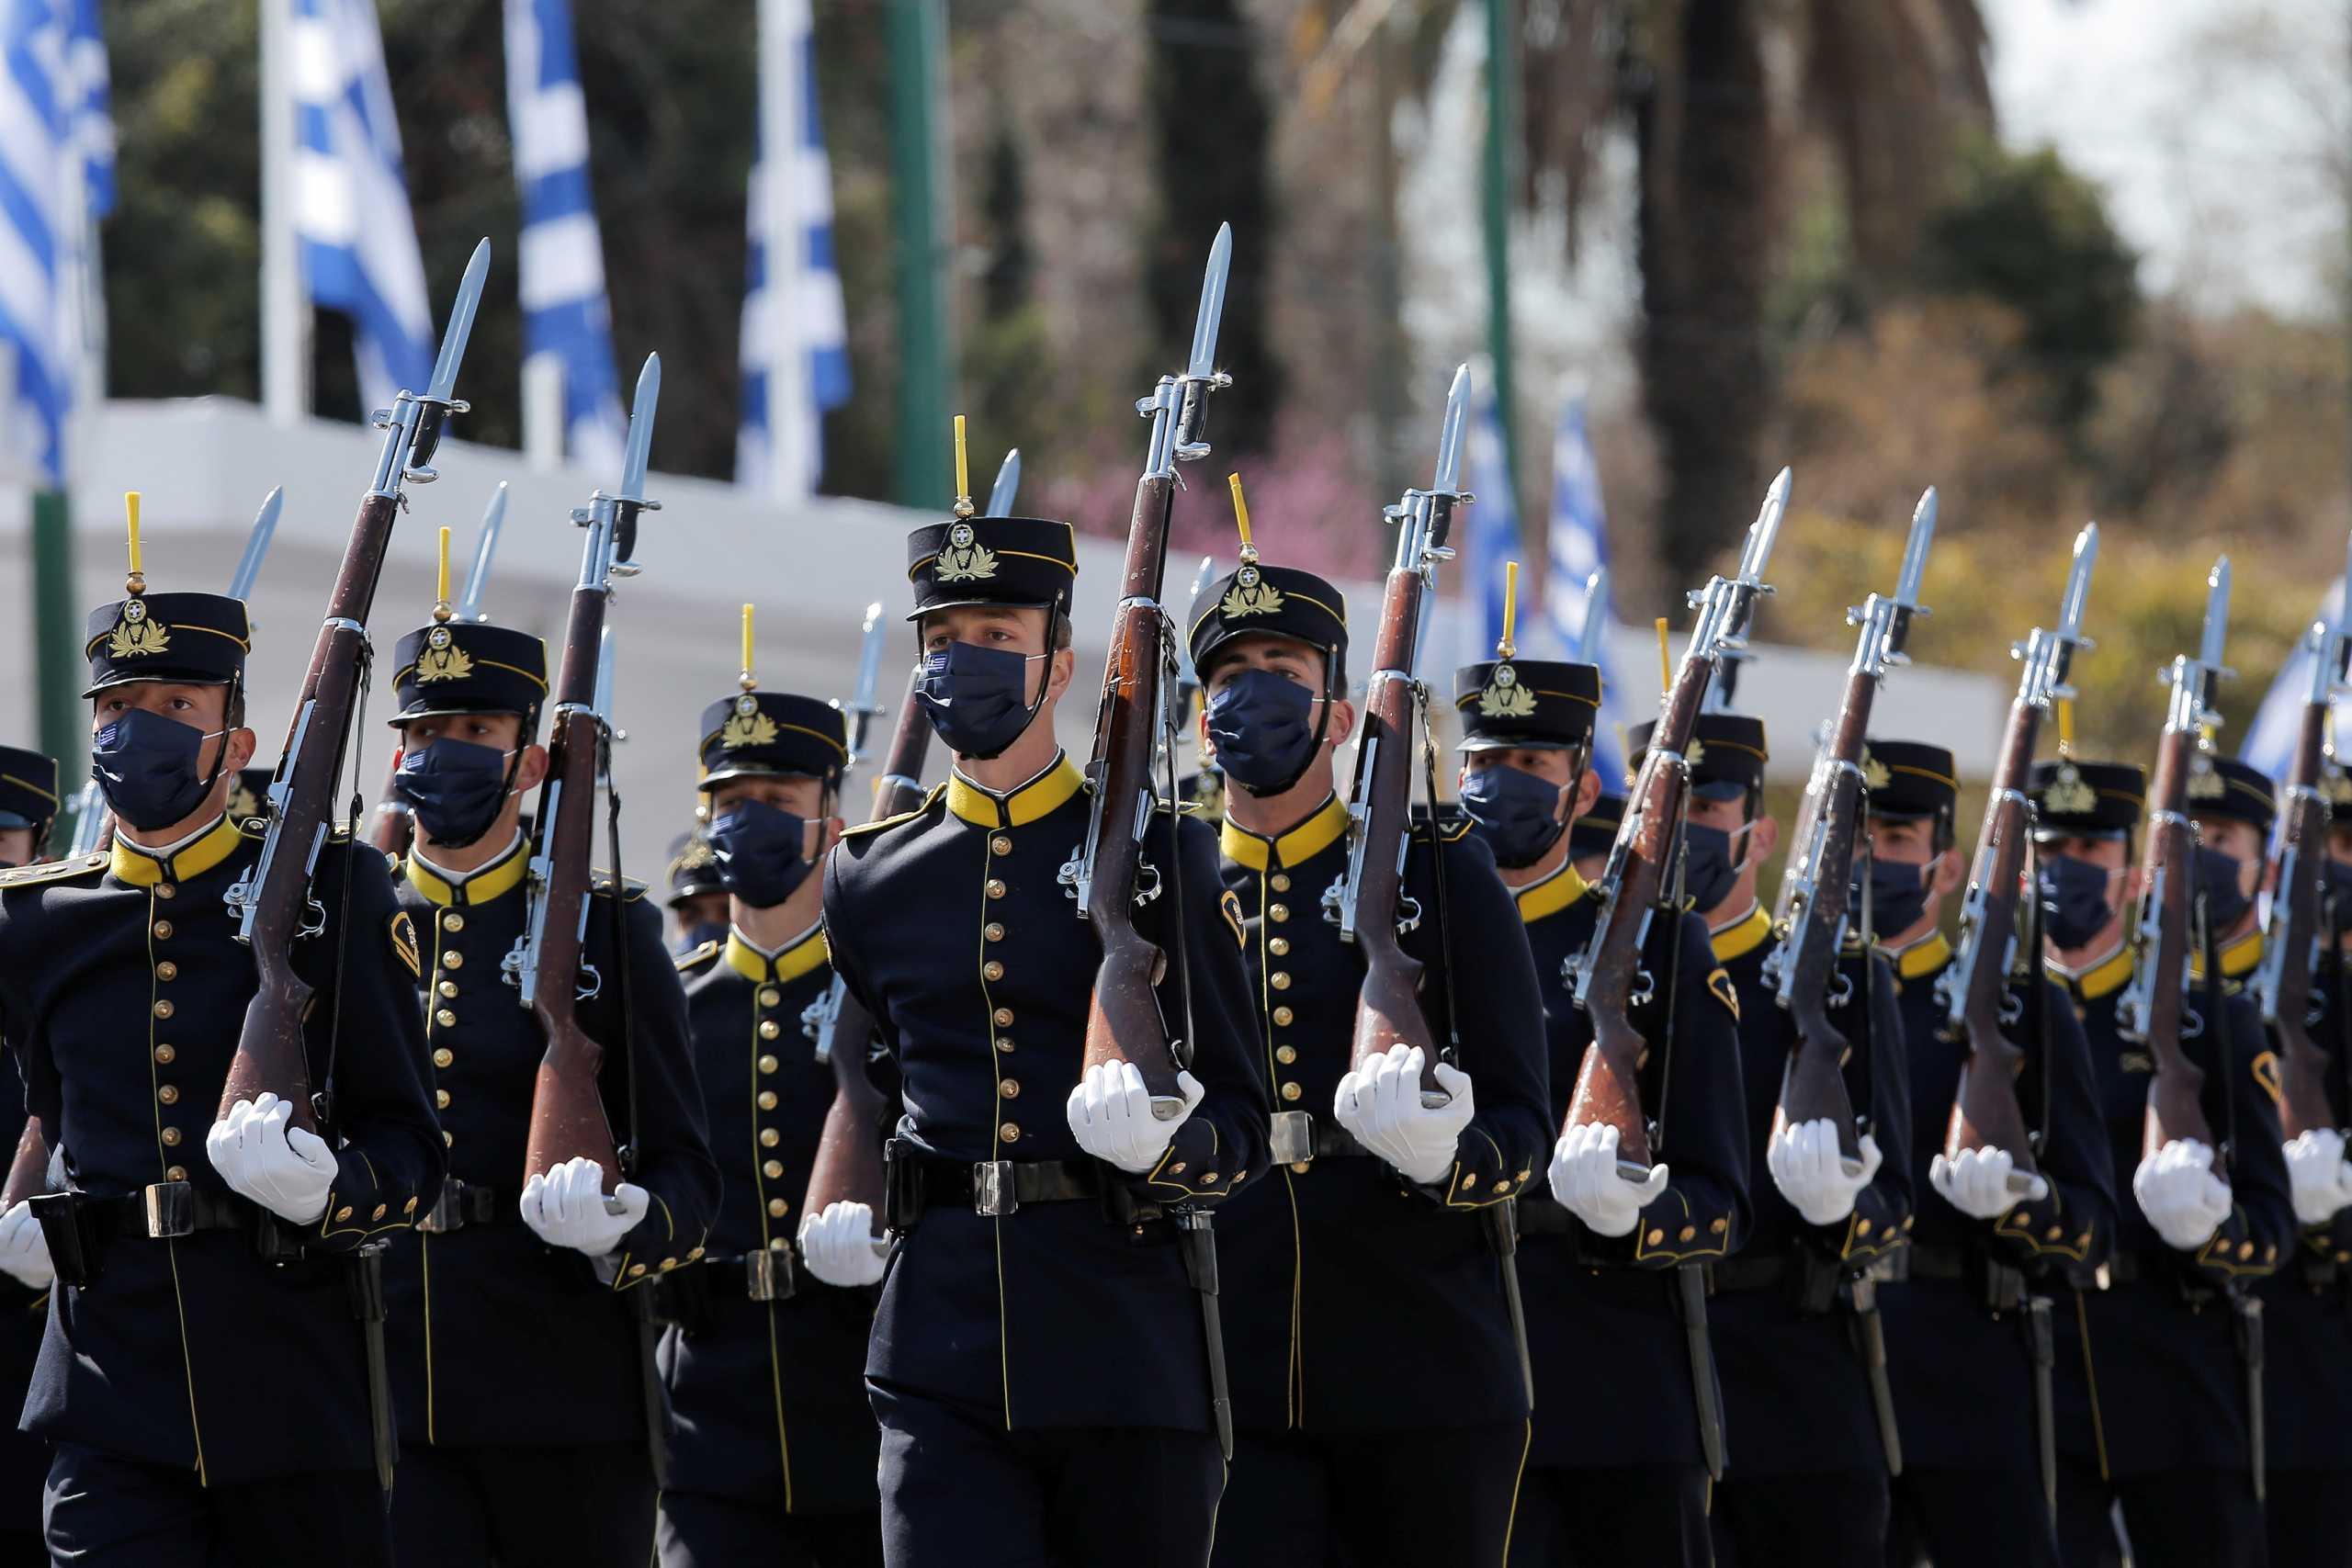 Παρέλαση 25ης Μαρτίου: Δέος και συγκίνηση (pics, video)